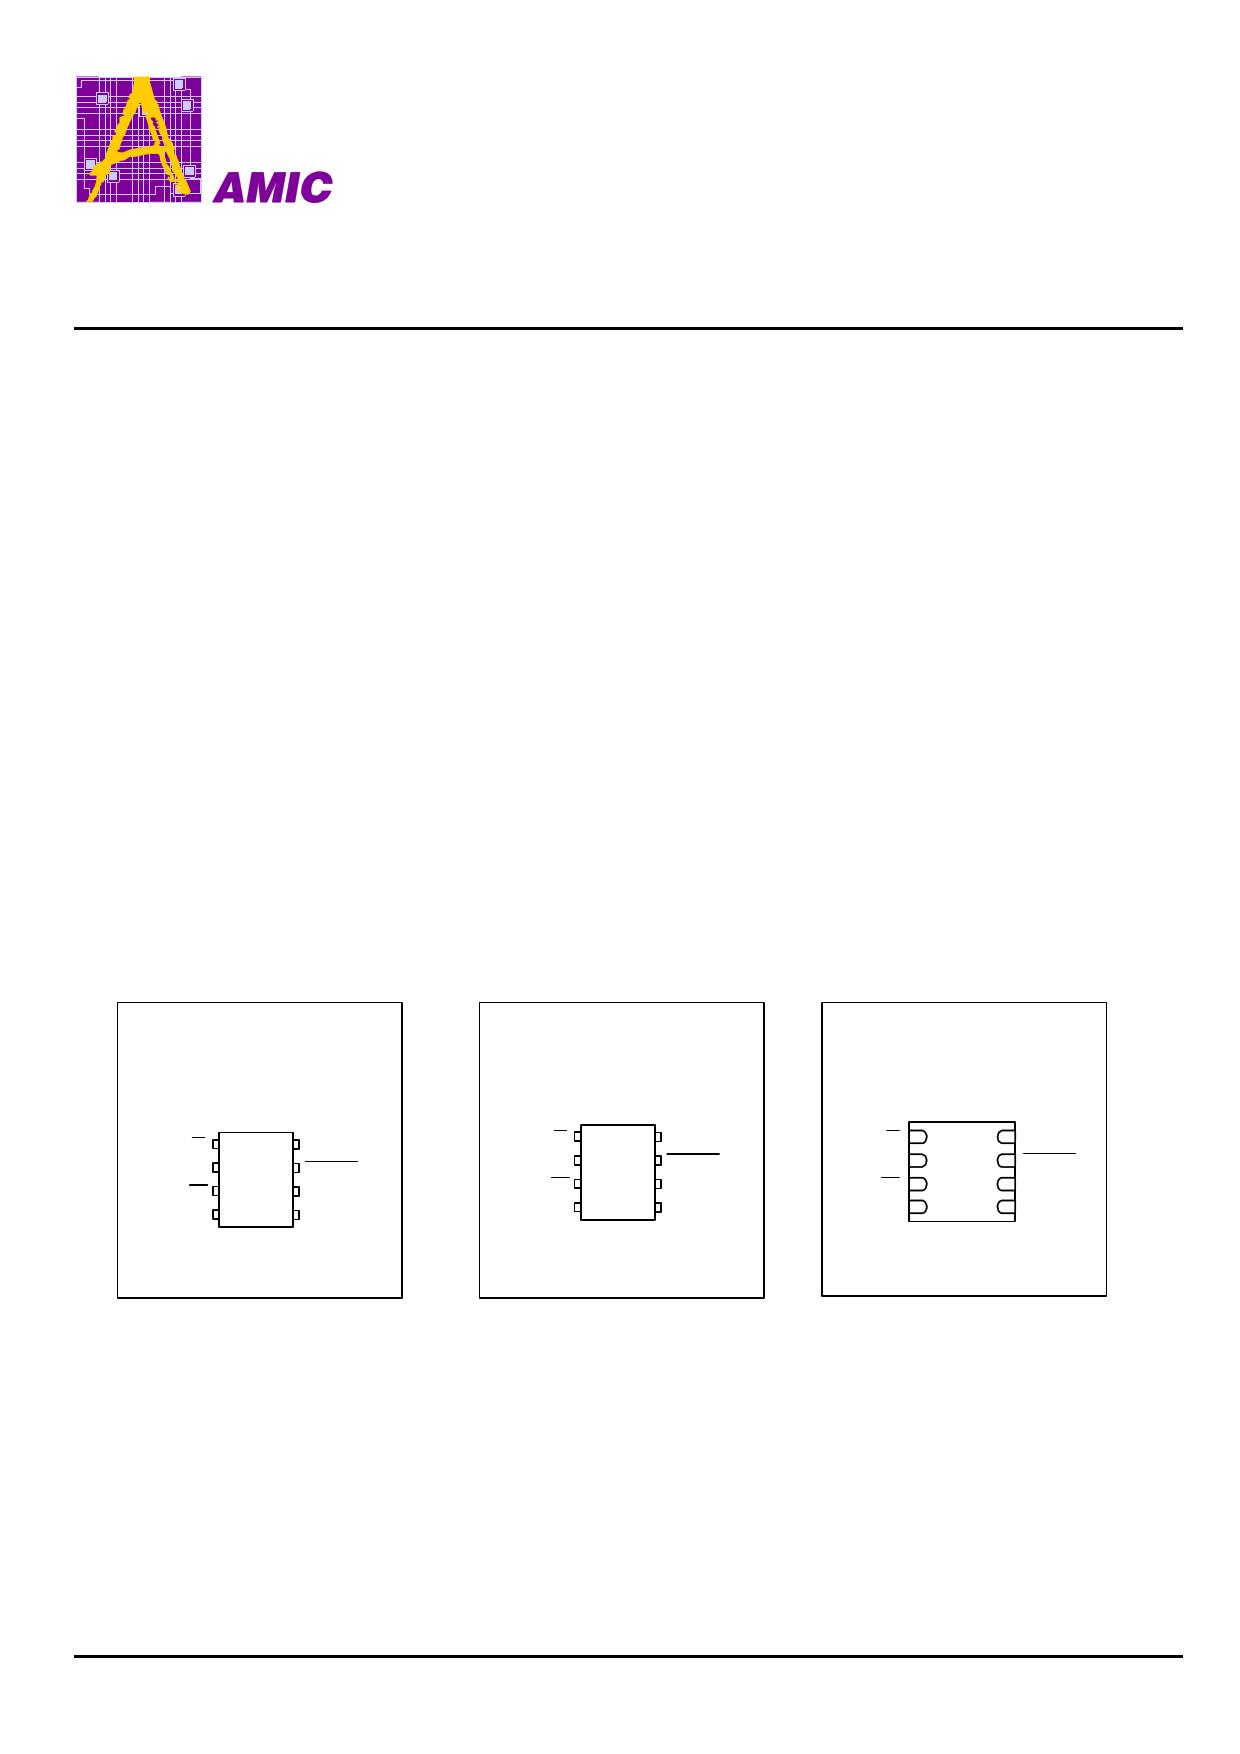 A25P020 pdf, schematic